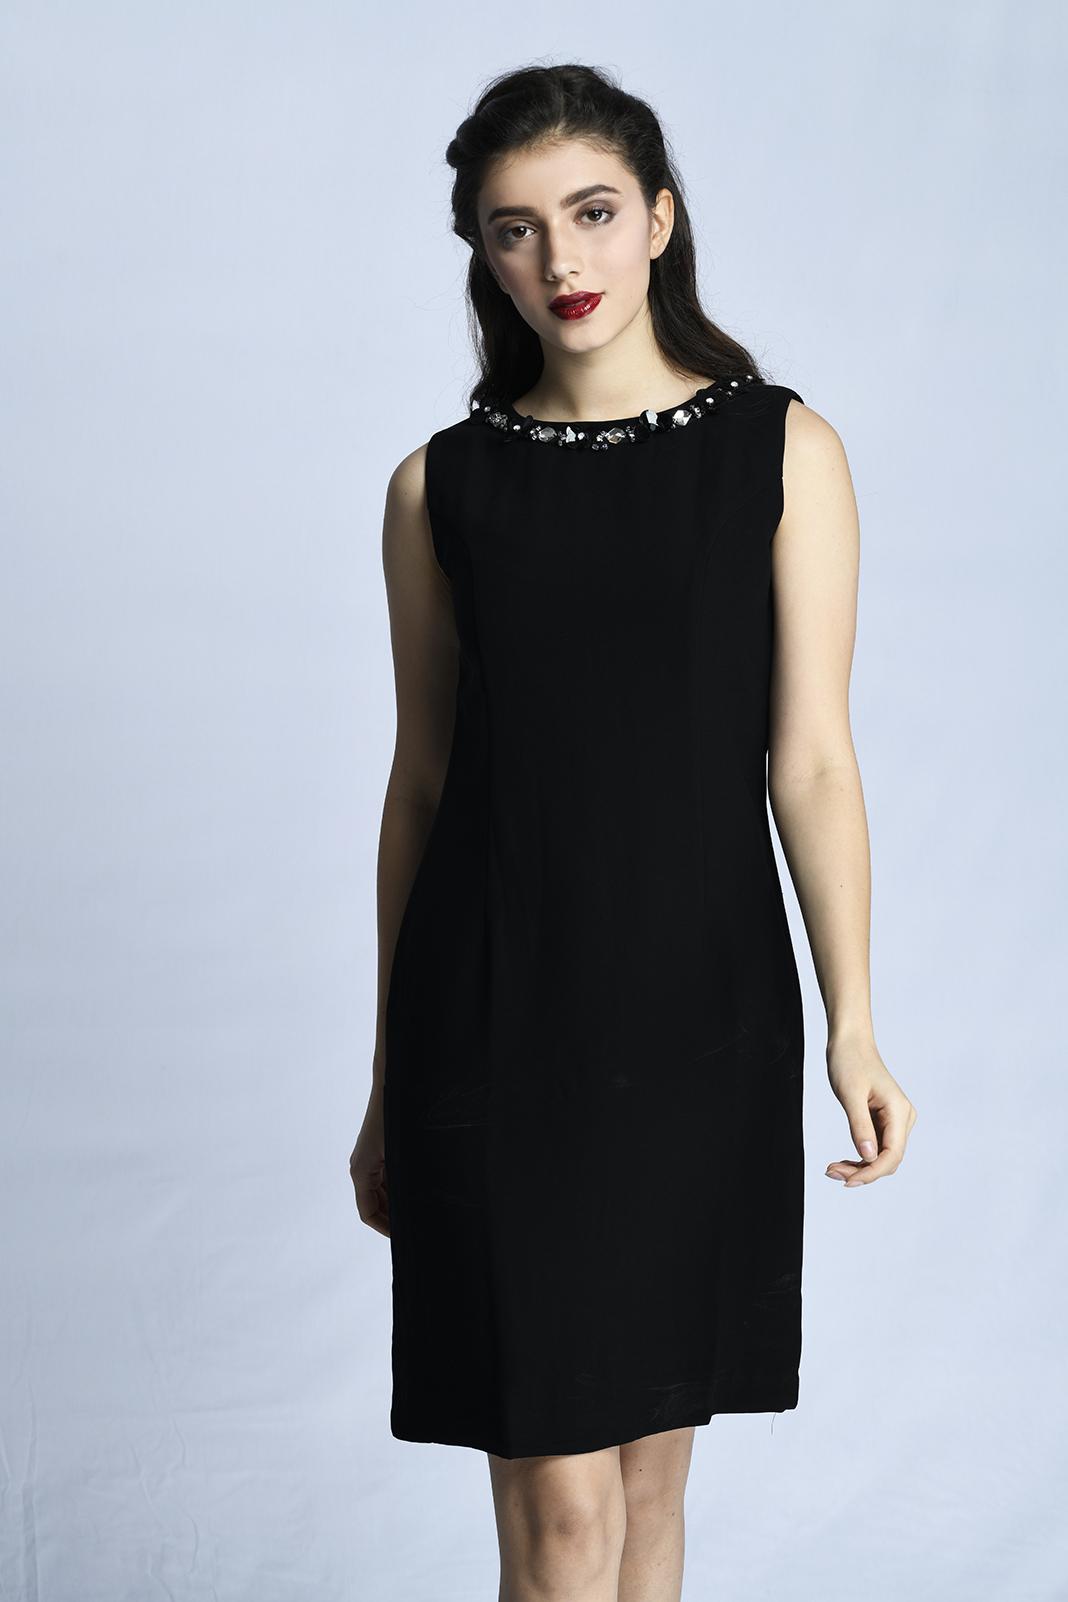 CARDINAL FEMME DRESS 2 (HITAM)